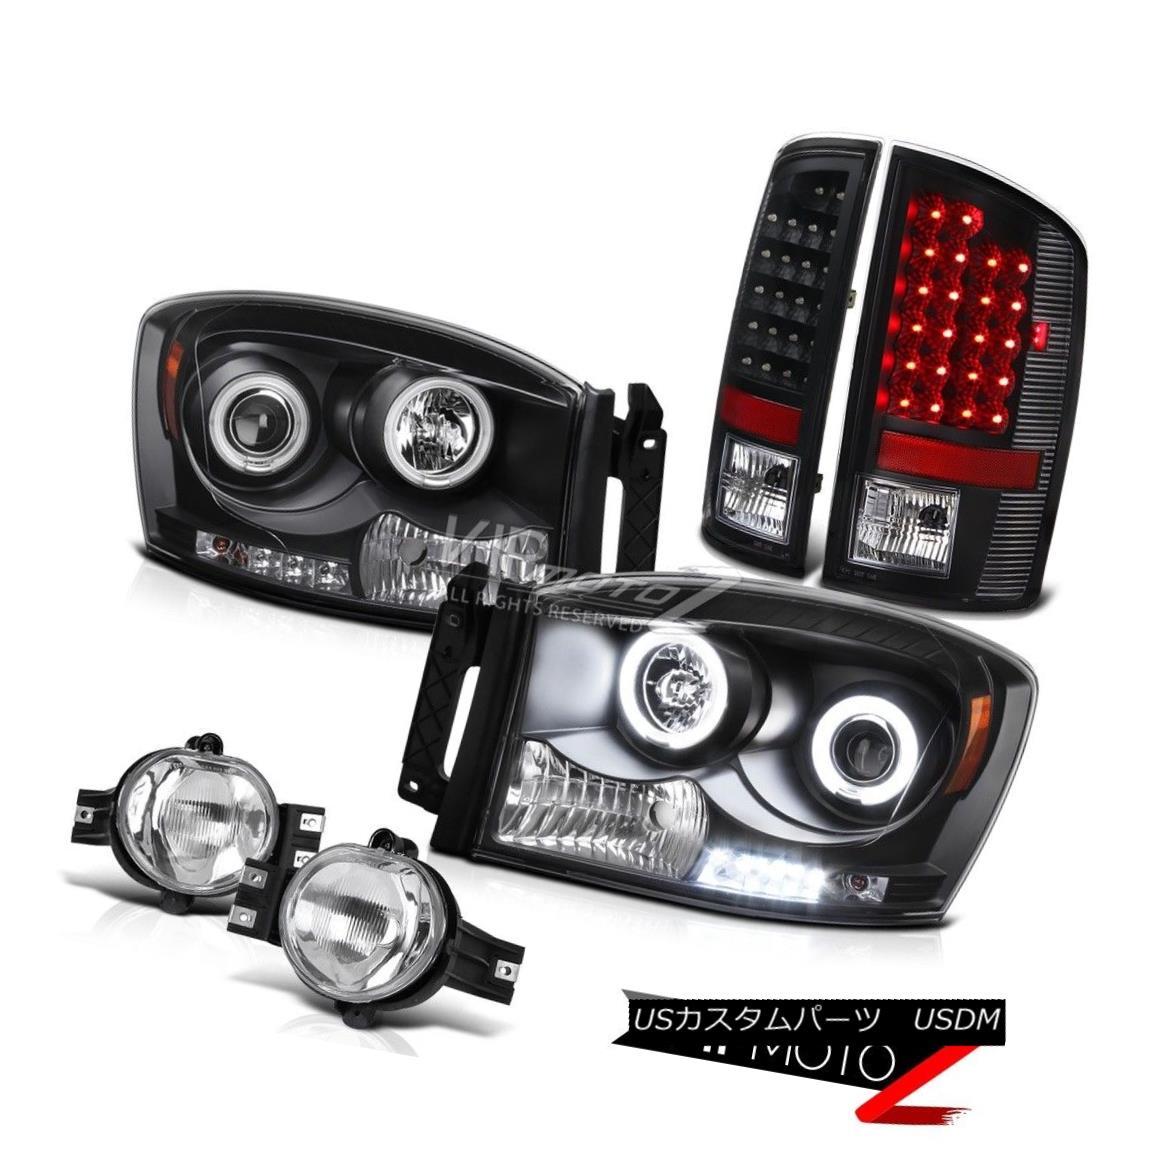 ライト・ランプ, ヘッドライト  Dodge RAM 06 Truck Smoke LED Tail LightHaLo Projector HeadlightClear Fog Light RAM 06LED r